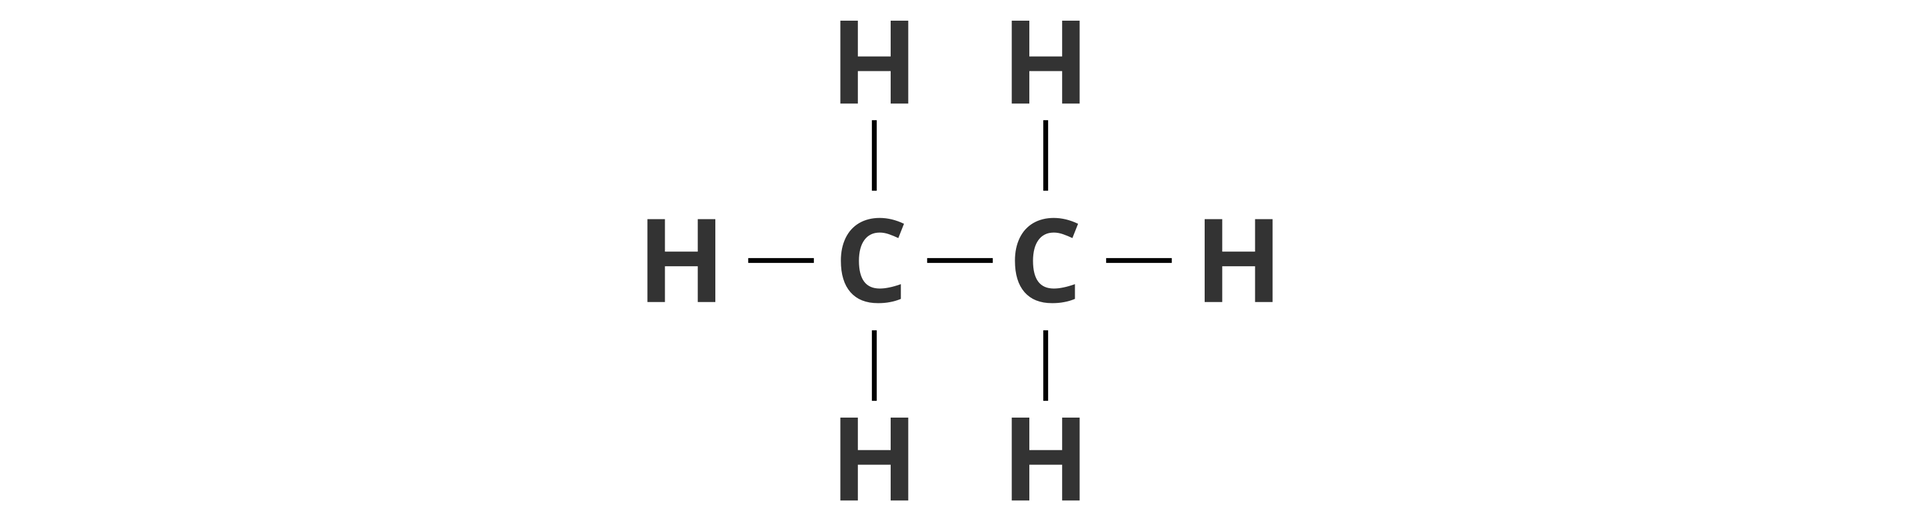 Ilustracja przedstawia wzór strukturalny etanu, na który składają się dwa atomy węgla isześć atomów wodoru. Atomy węgla połączone są ze sobą wiązaniem pojedynczym, aponadto do każdego atomu węgla przyłączone są po trzy atomy węgla. Jeden zgóry, jeden zdołu ijeden zboku od strony przeciwległej do sąsiadującego atomu węgla.